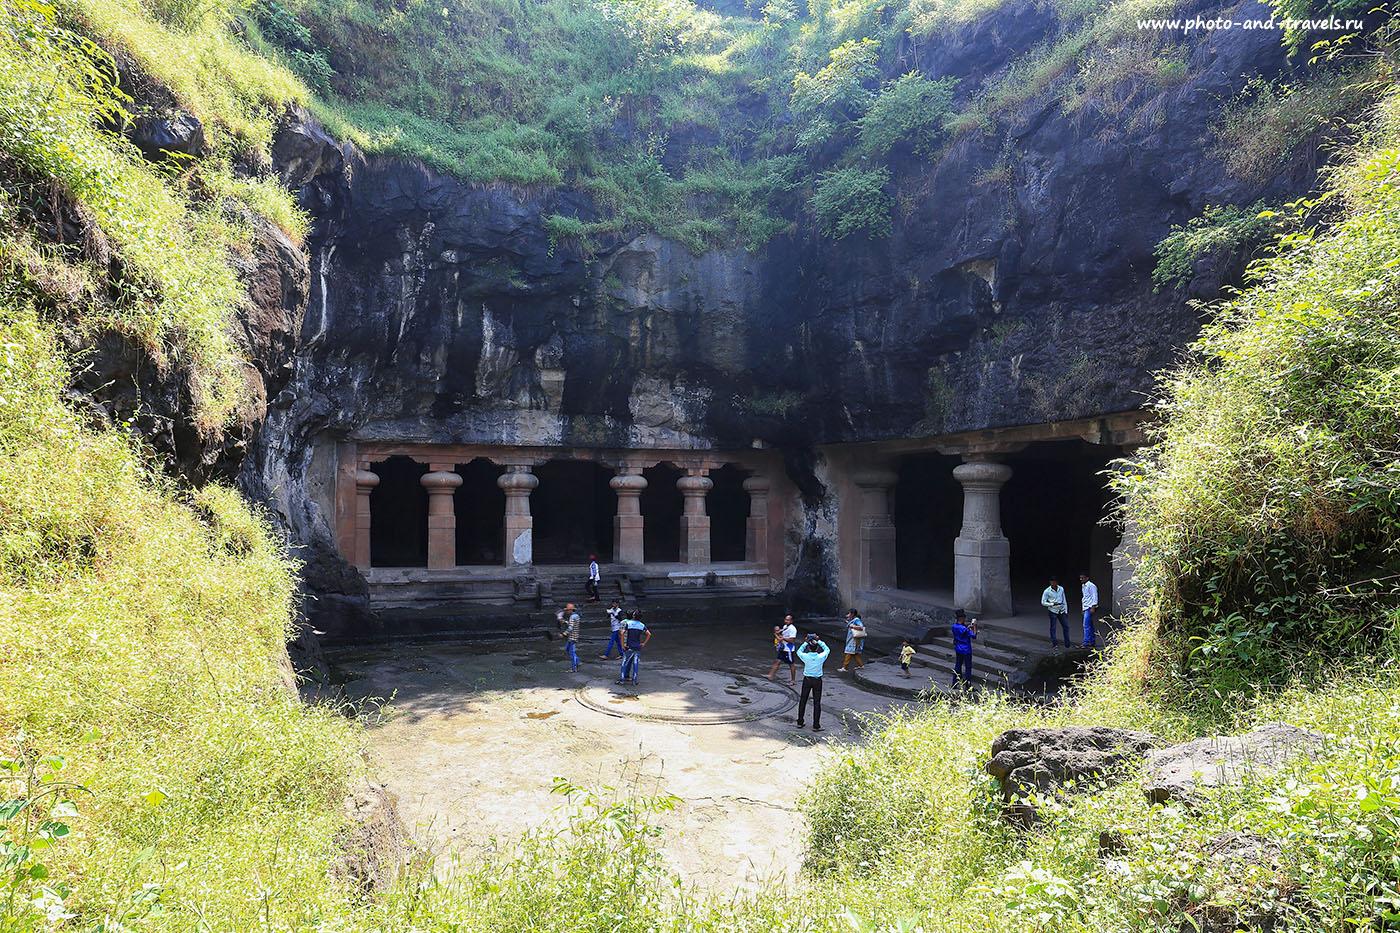 13. Внутренний двор. Отчет о самостоятельной экскурсии в пещеры Элефанты. Отзывы о поездке в Мумбаи и Гоа самостоятельно (17-40, 1/30, -1eV, f9, 22 mm, ISO 100)